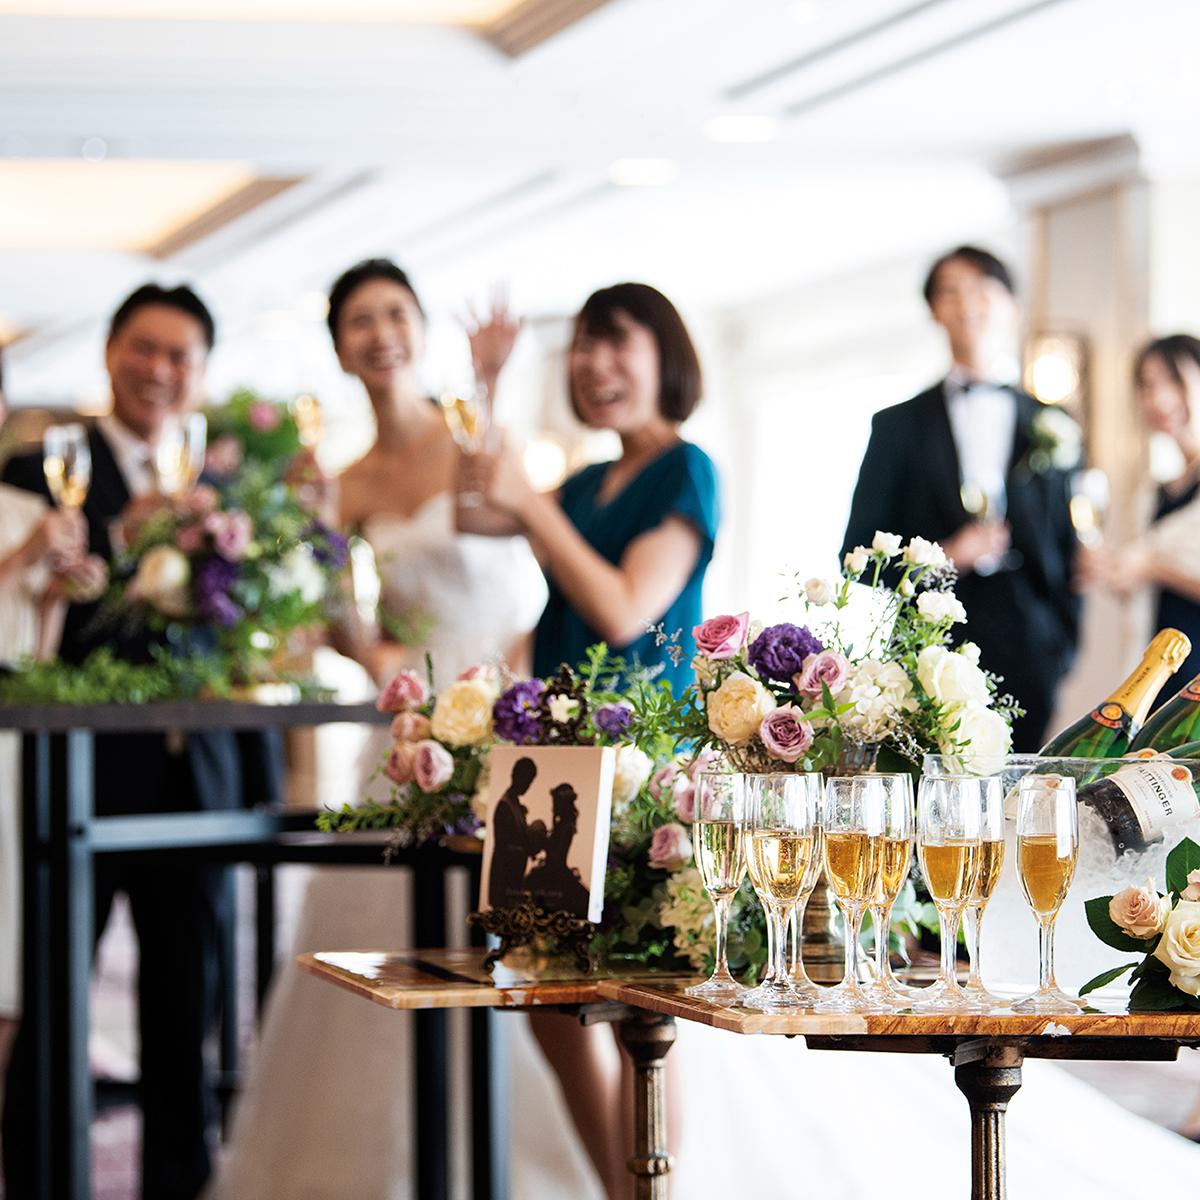 結婚式をすることが当たり前ではなくなった今だからこそ伝えたい、結婚式の魅力